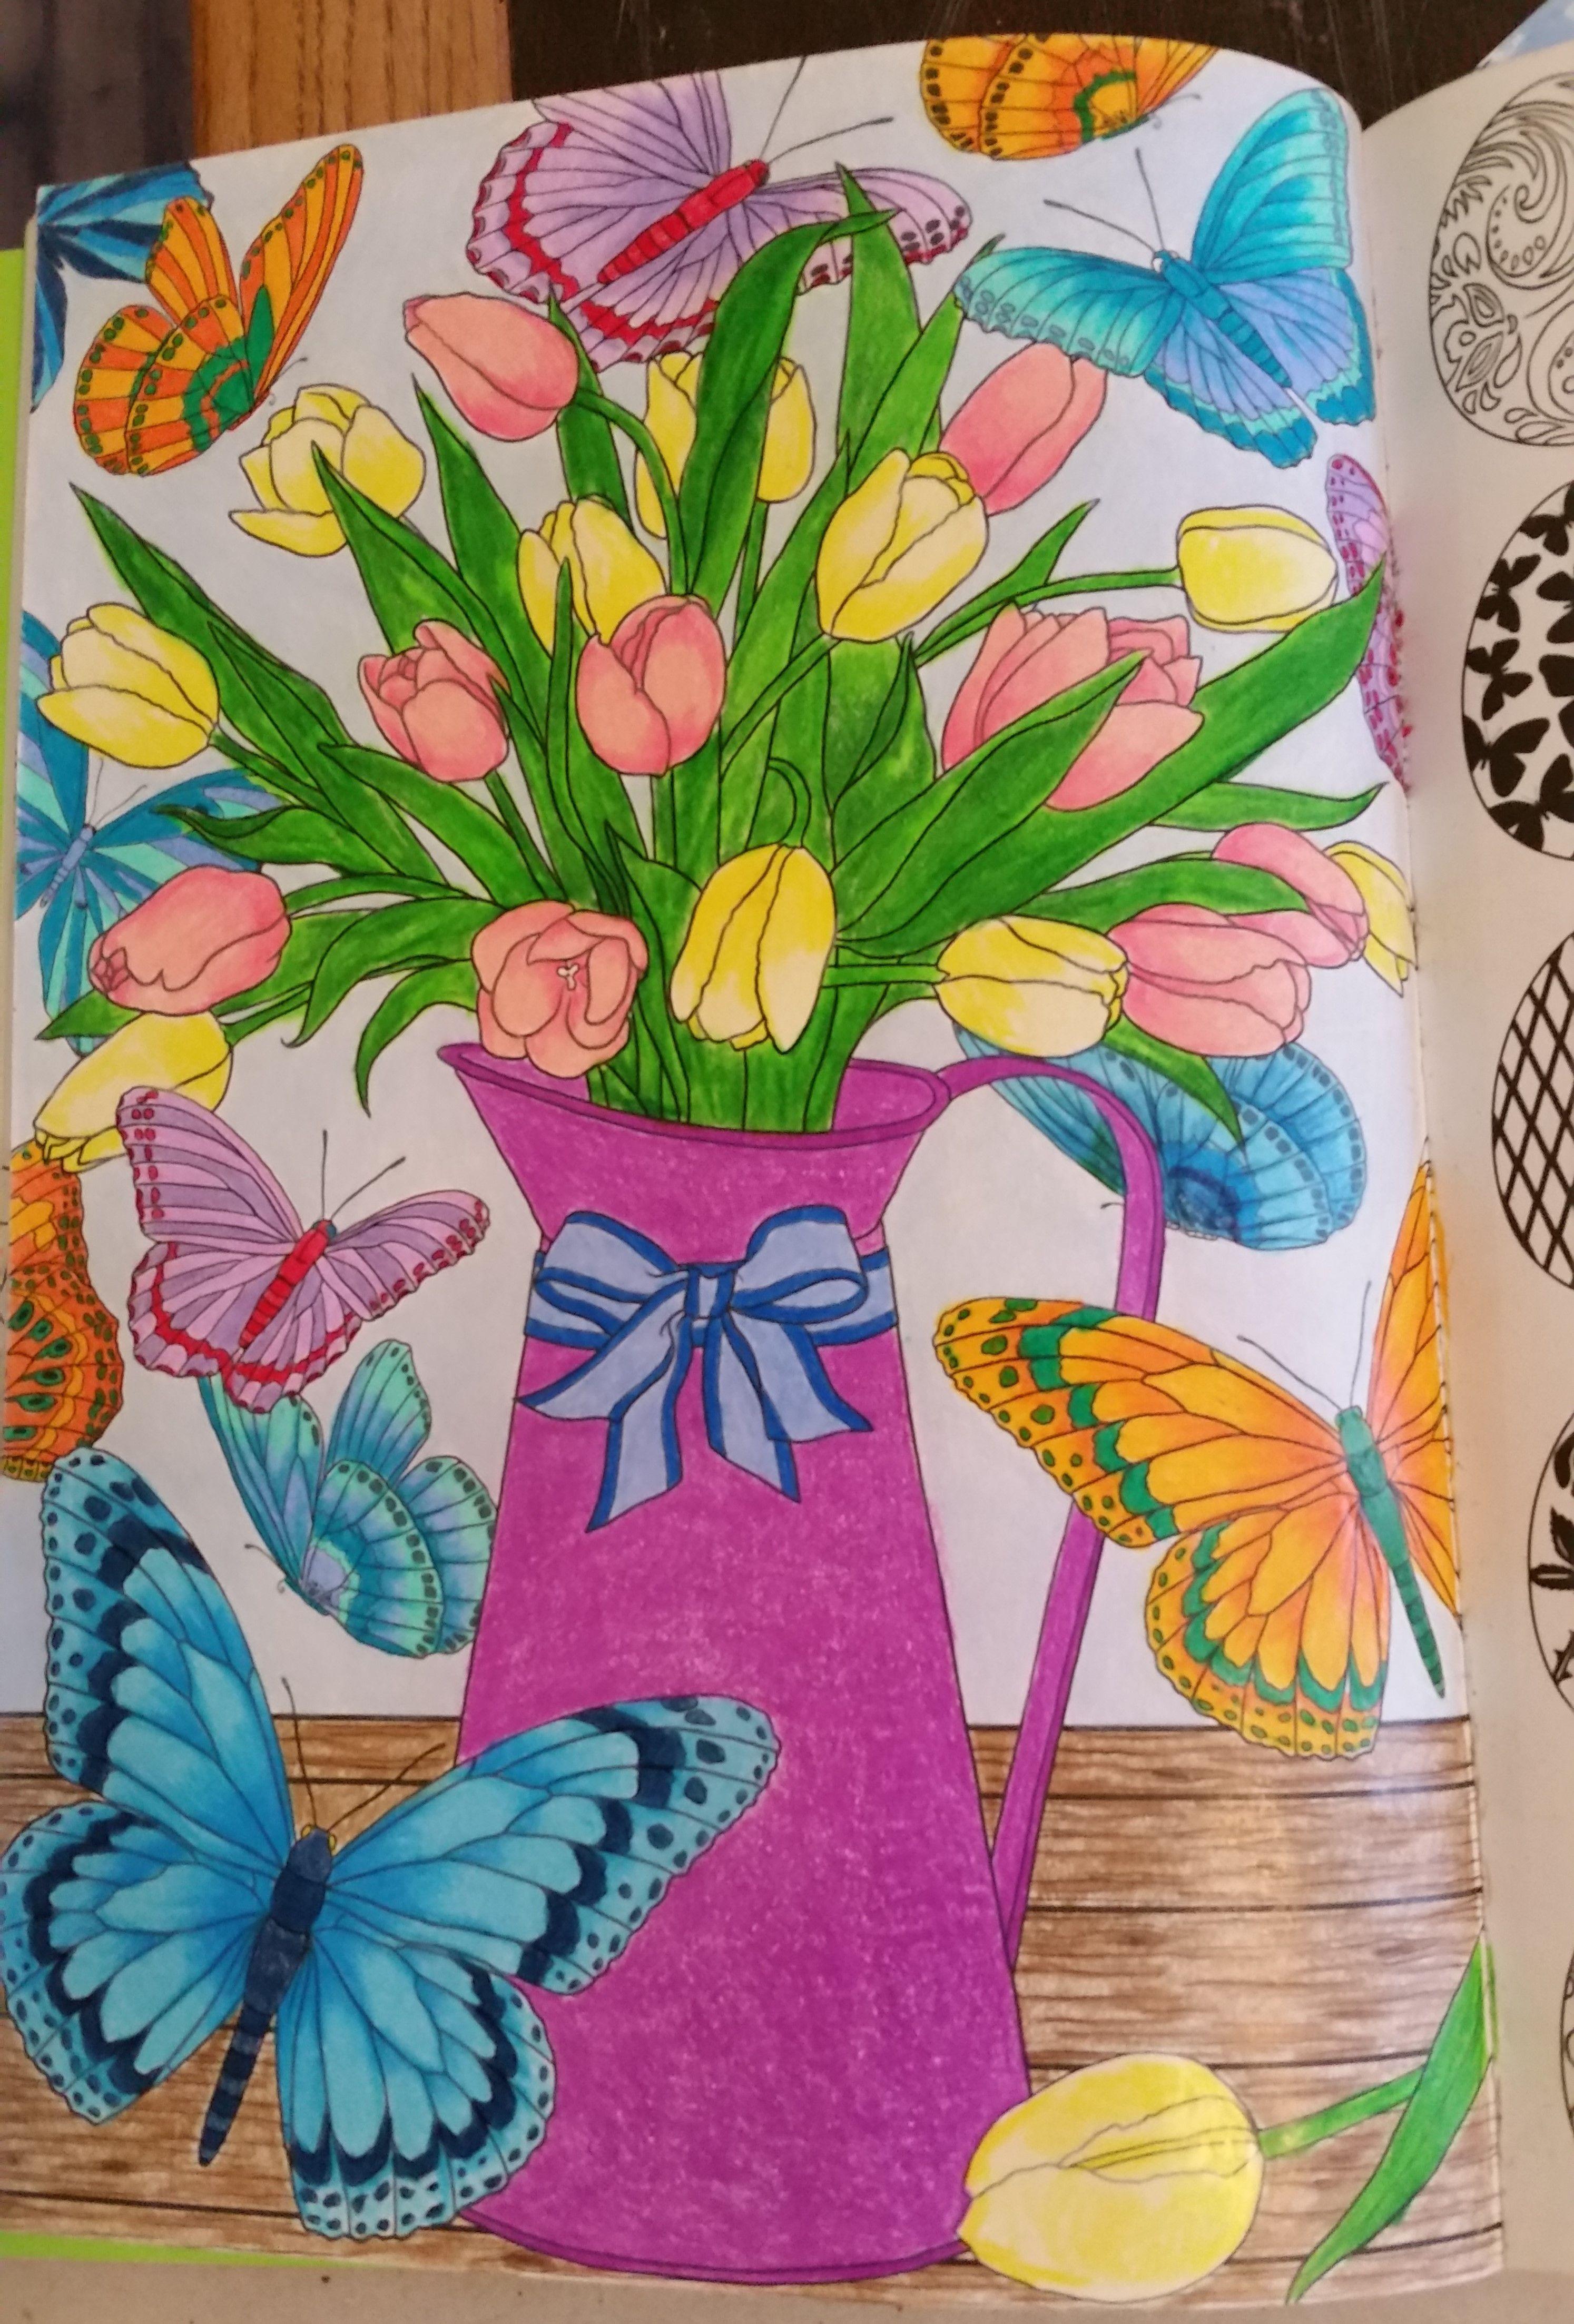 du livre Printemps 100 coloriages anti stress de Hachette Art thérapie ArtTherapy